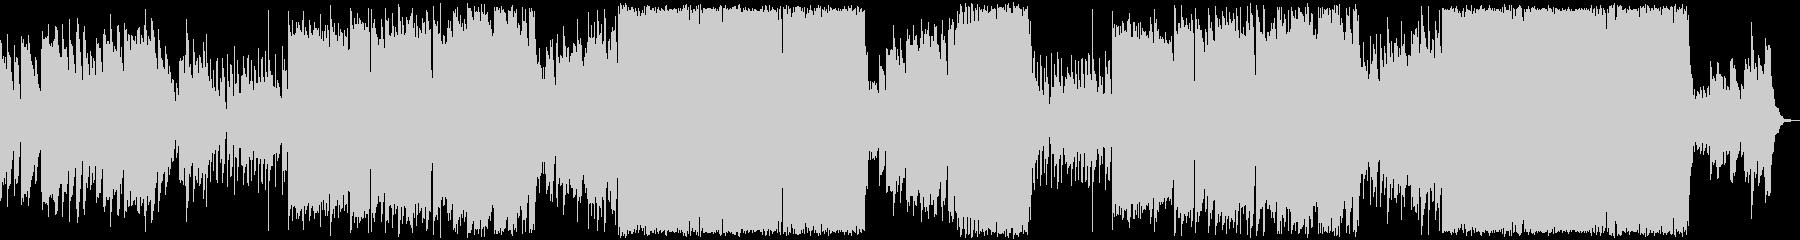 怪しいクリスマス・ハロウィンのBGMの未再生の波形